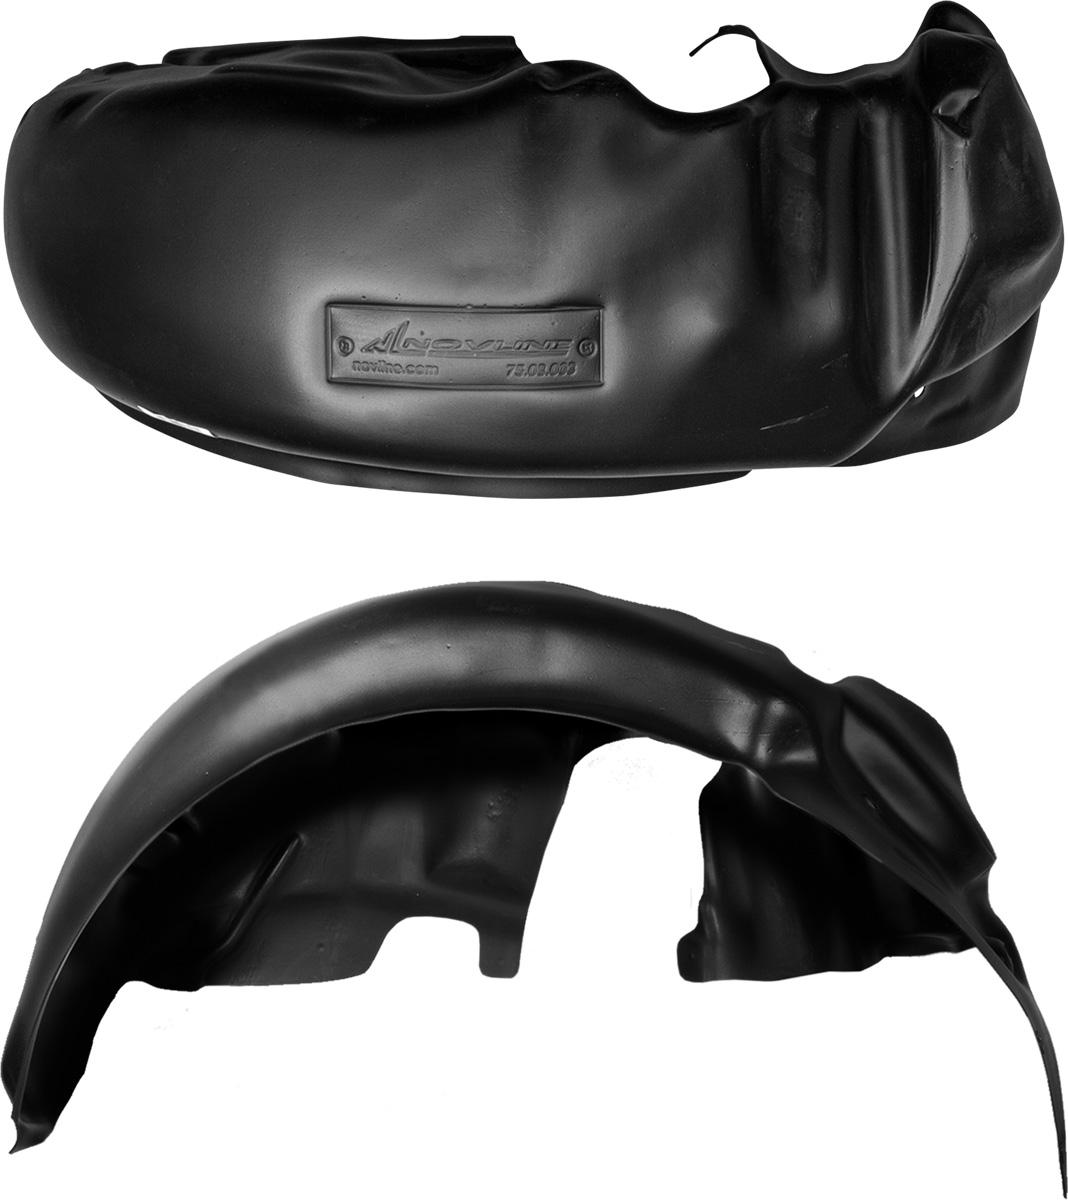 Подкрылок Novline-Autofamily, для Lada Kalina 2, 2013 ->, задний правый1004900000360Колесные ниши - одни из самых уязвимых зон днища вашего автомобиля. Они постоянно подвергаются воздействию со стороны дороги. Лучшая, почти абсолютная защита для них - специально отформованные пластиковые кожухи, которые называются подкрылками. Производятся они как для отечественных моделей автомобилей, так и для иномарок. Подкрылки Novline-Autofamily выполнены из высококачественного, экологически чистого пластика. Обеспечивают надежную защиту кузова автомобиля от пескоструйного эффекта и негативного влияния, агрессивных антигололедных реагентов. Пластик обладает более низкой теплопроводностью, чем металл, поэтому в зимний период эксплуатации использование пластиковых подкрылков позволяет лучше защитить колесные ниши от налипания снега и образования наледи. Оригинальность конструкции подчеркивает элегантность автомобиля, бережно защищает нанесенное на днище кузова антикоррозийное покрытие и позволяет осуществить крепление подкрылков внутри колесной арки практически без дополнительного крепежа и сверления, не нарушая при этом лакокрасочного покрытия, что предотвращает возникновение новых очагов коррозии. Подкрылки долговечны, обладают высокой прочностью и сохраняют заданную форму, а также все свои физико-механические характеристики в самых тяжелых климатических условиях (от -50°С до +50°С).Уважаемые клиенты!Обращаем ваше внимание, на тот факт, что подкрылок имеет форму, соответствующую модели данного автомобиля. Фото служит для визуального восприятия товара.